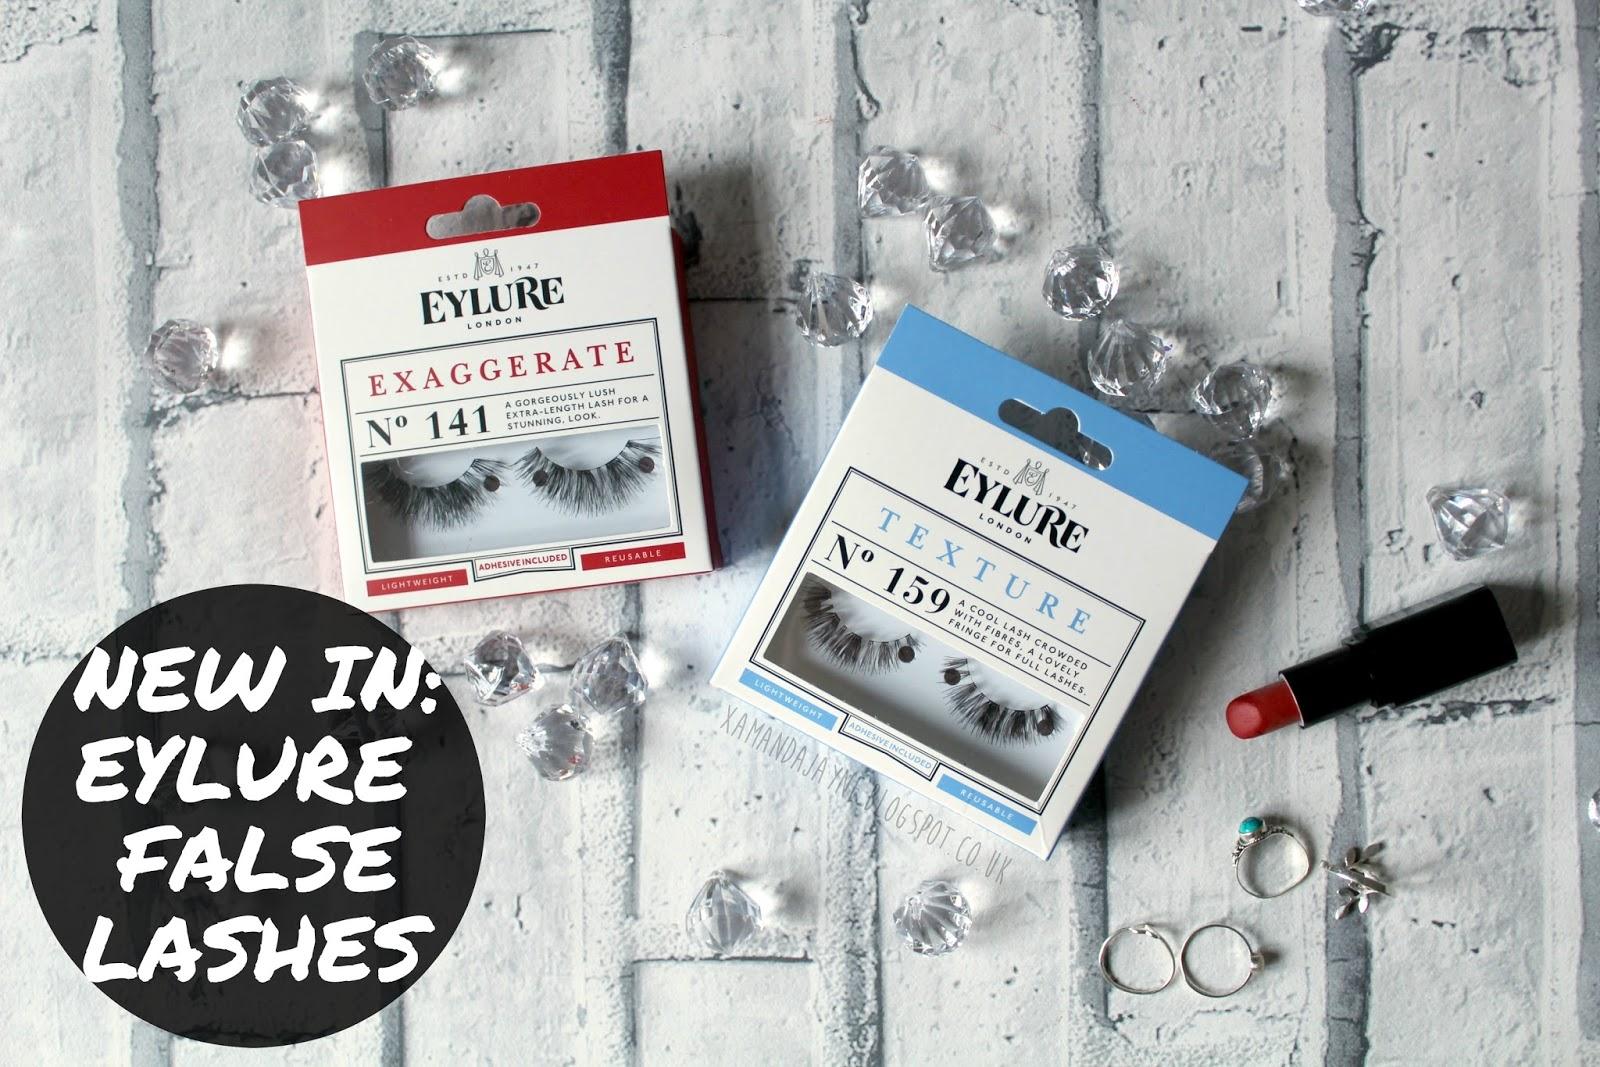 eylure lashes false lashes website uk review